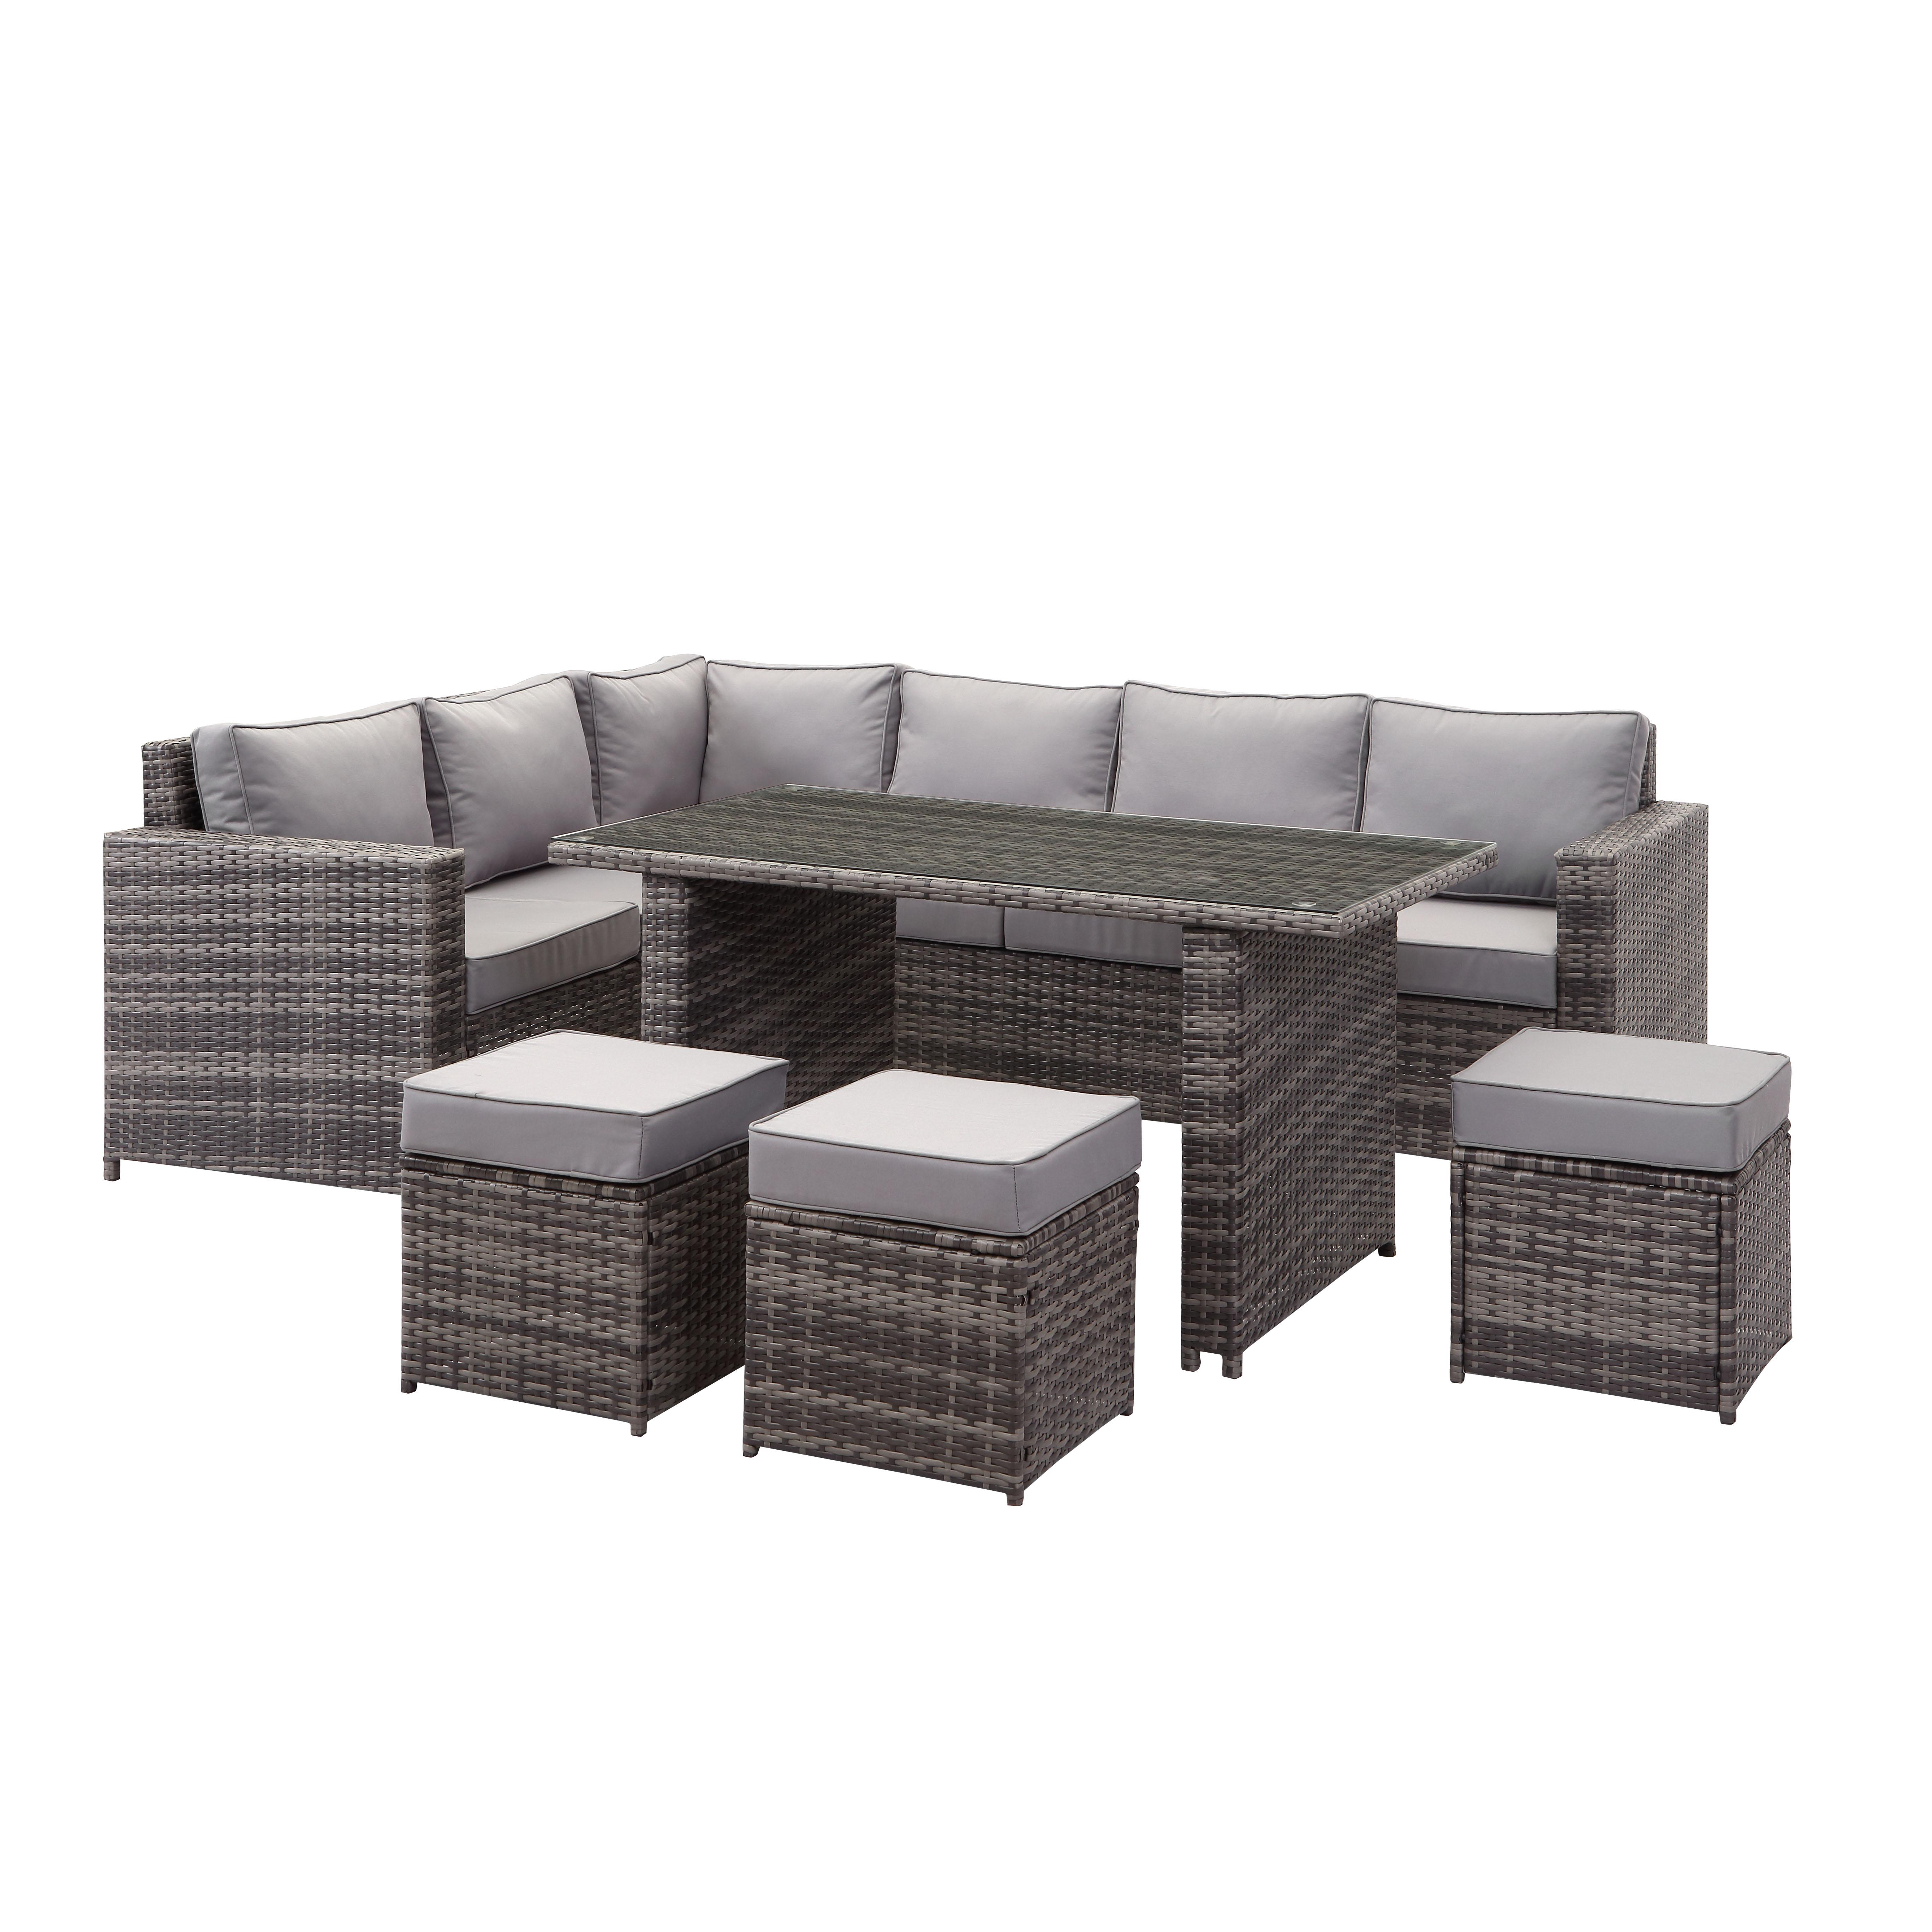 Venta al por mayor muebles para patio Compre online los